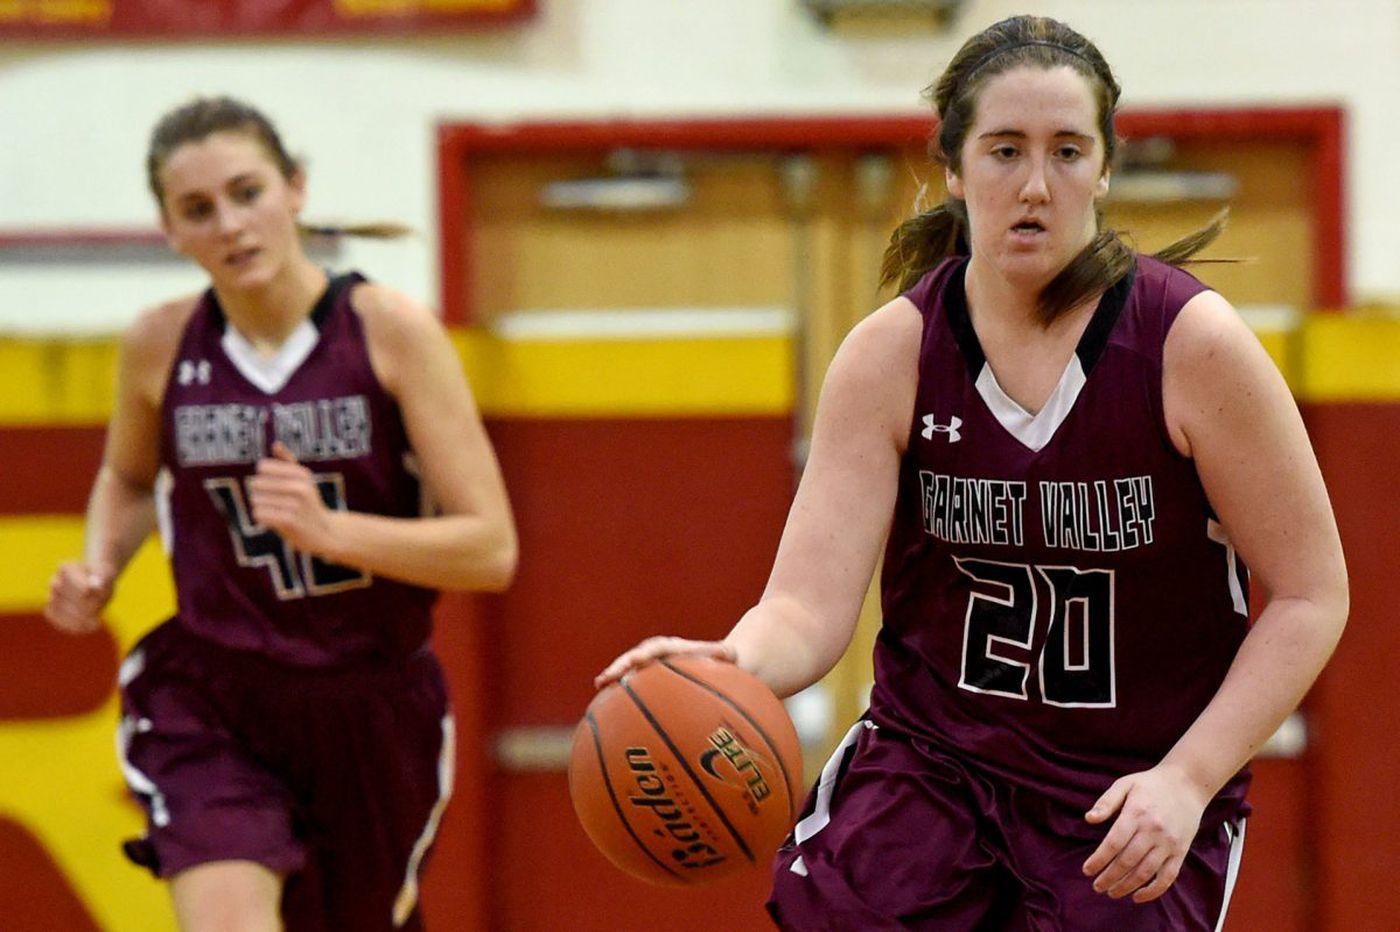 Emily McAteer becomes Garnet Valley's girls' basketball all-time leading scorer